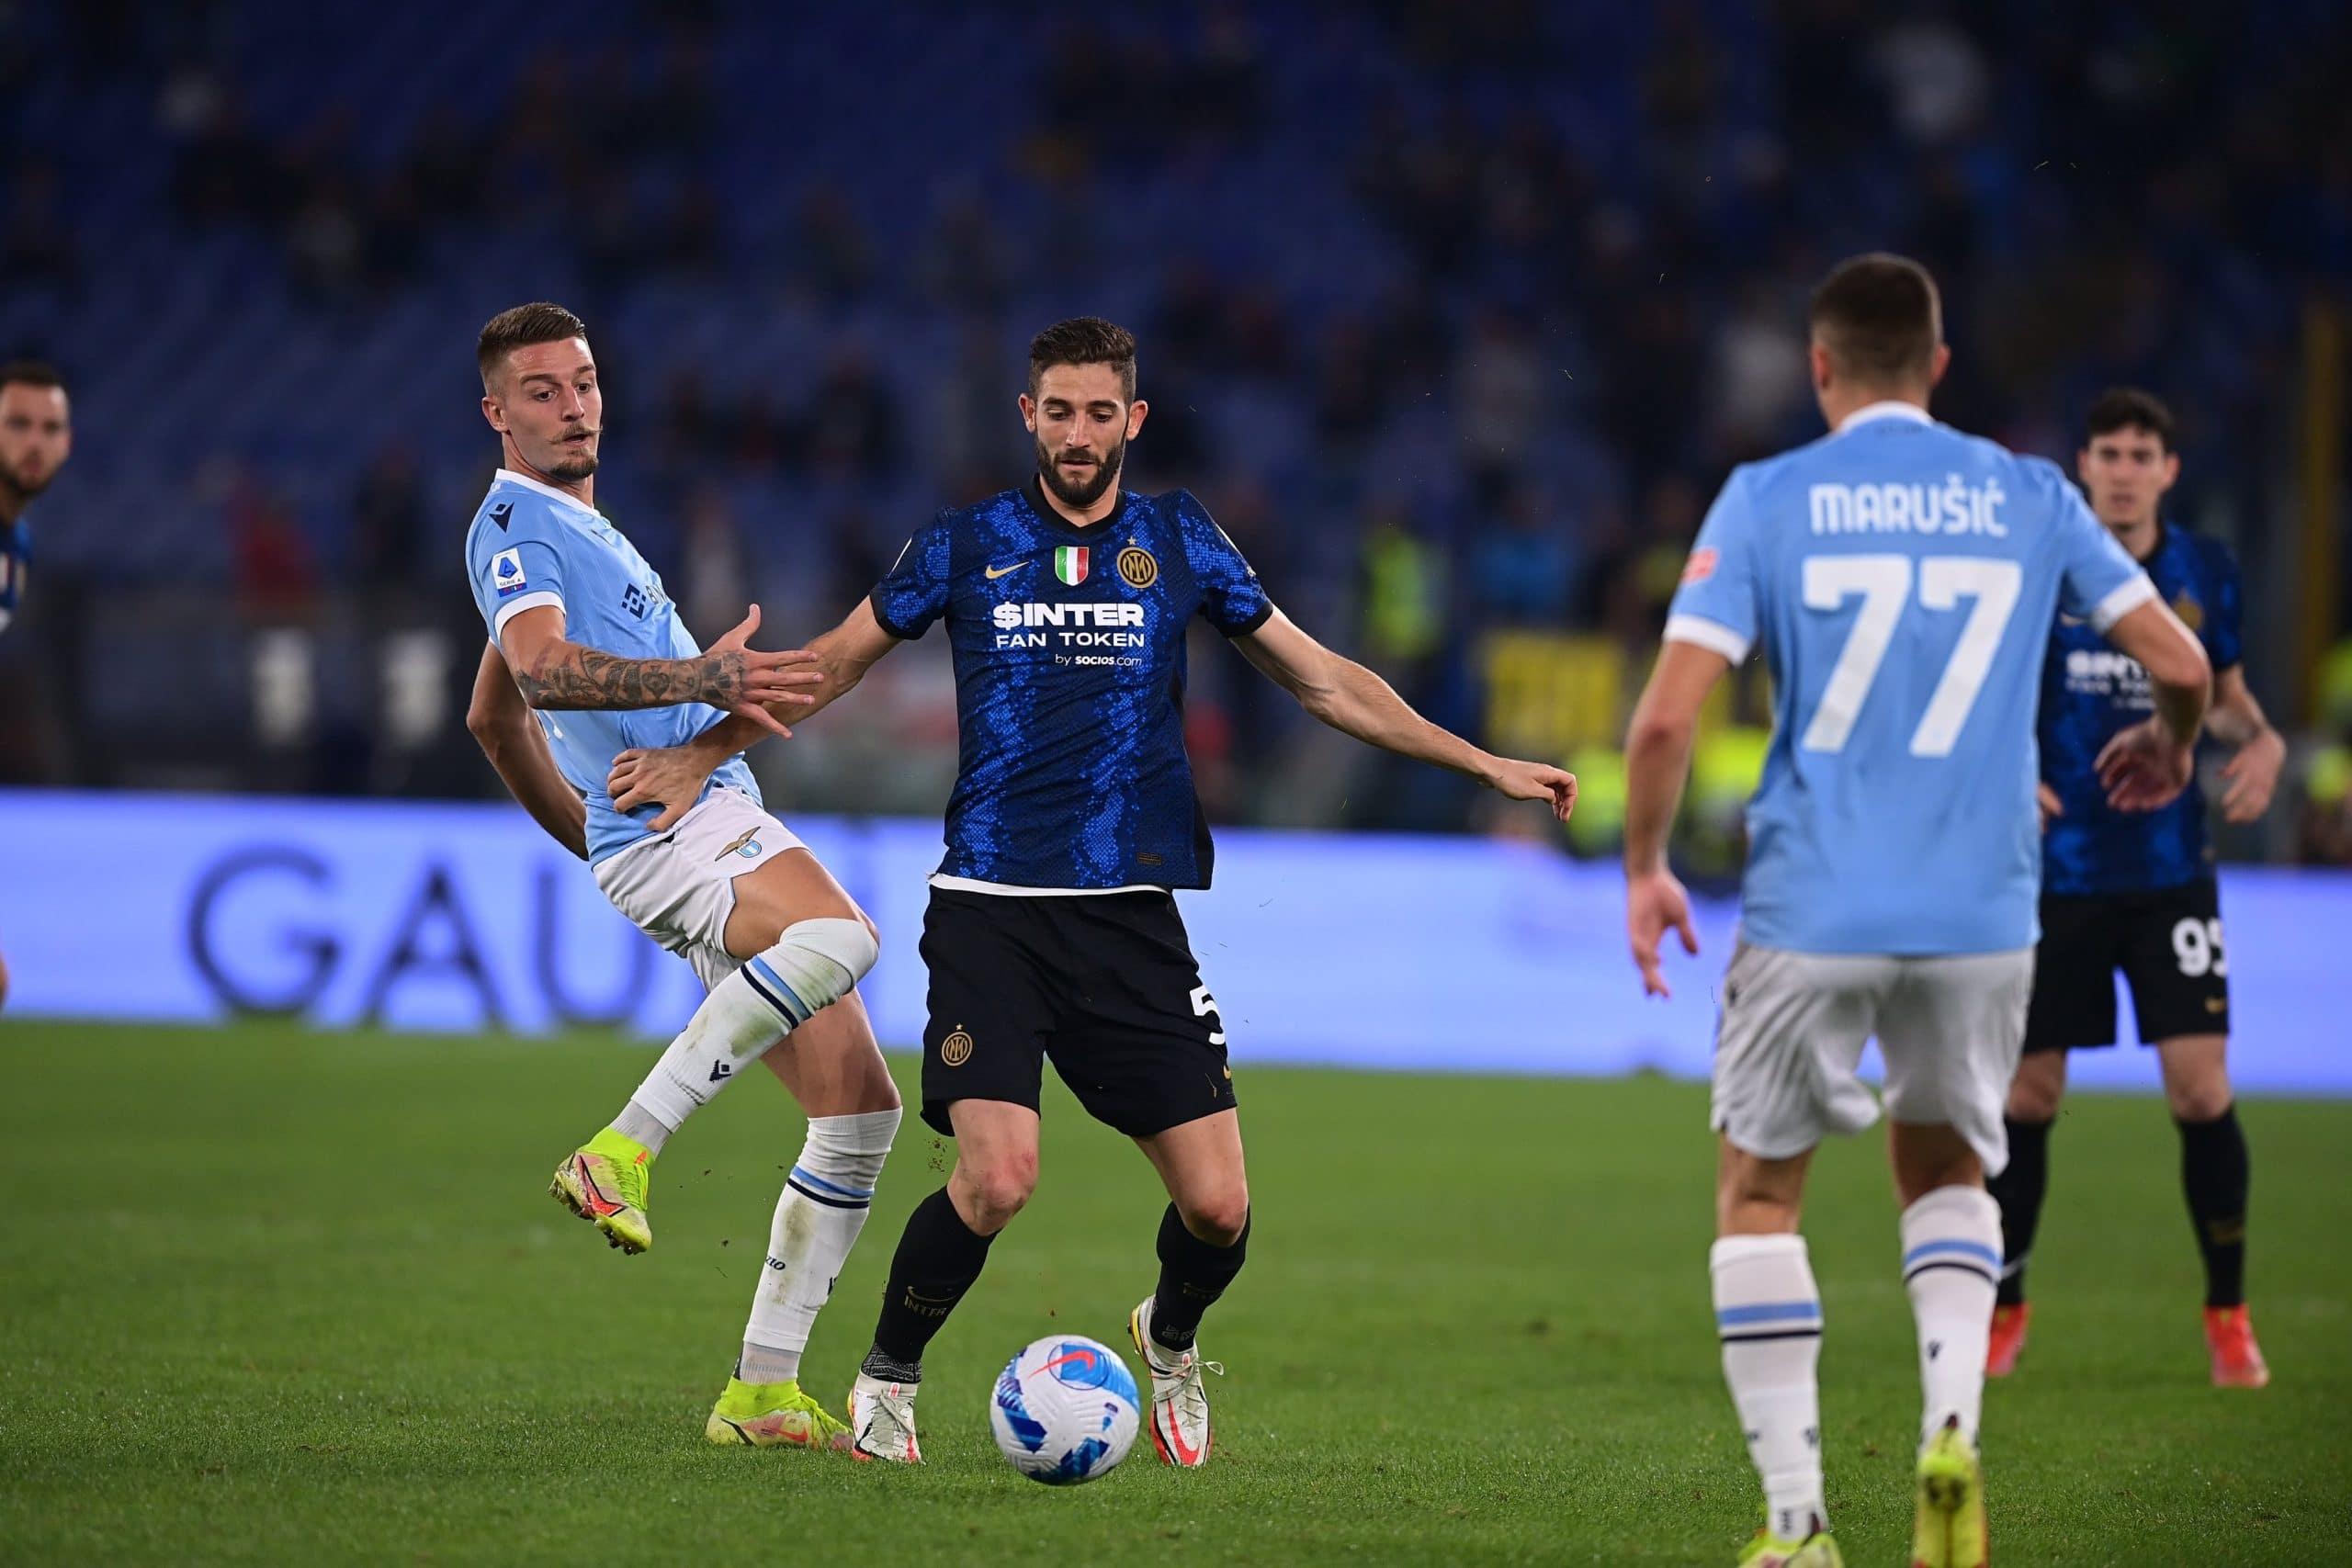 مباراة لاتسيو وإنتر ميلان في منافسات الدوري الإيطالي